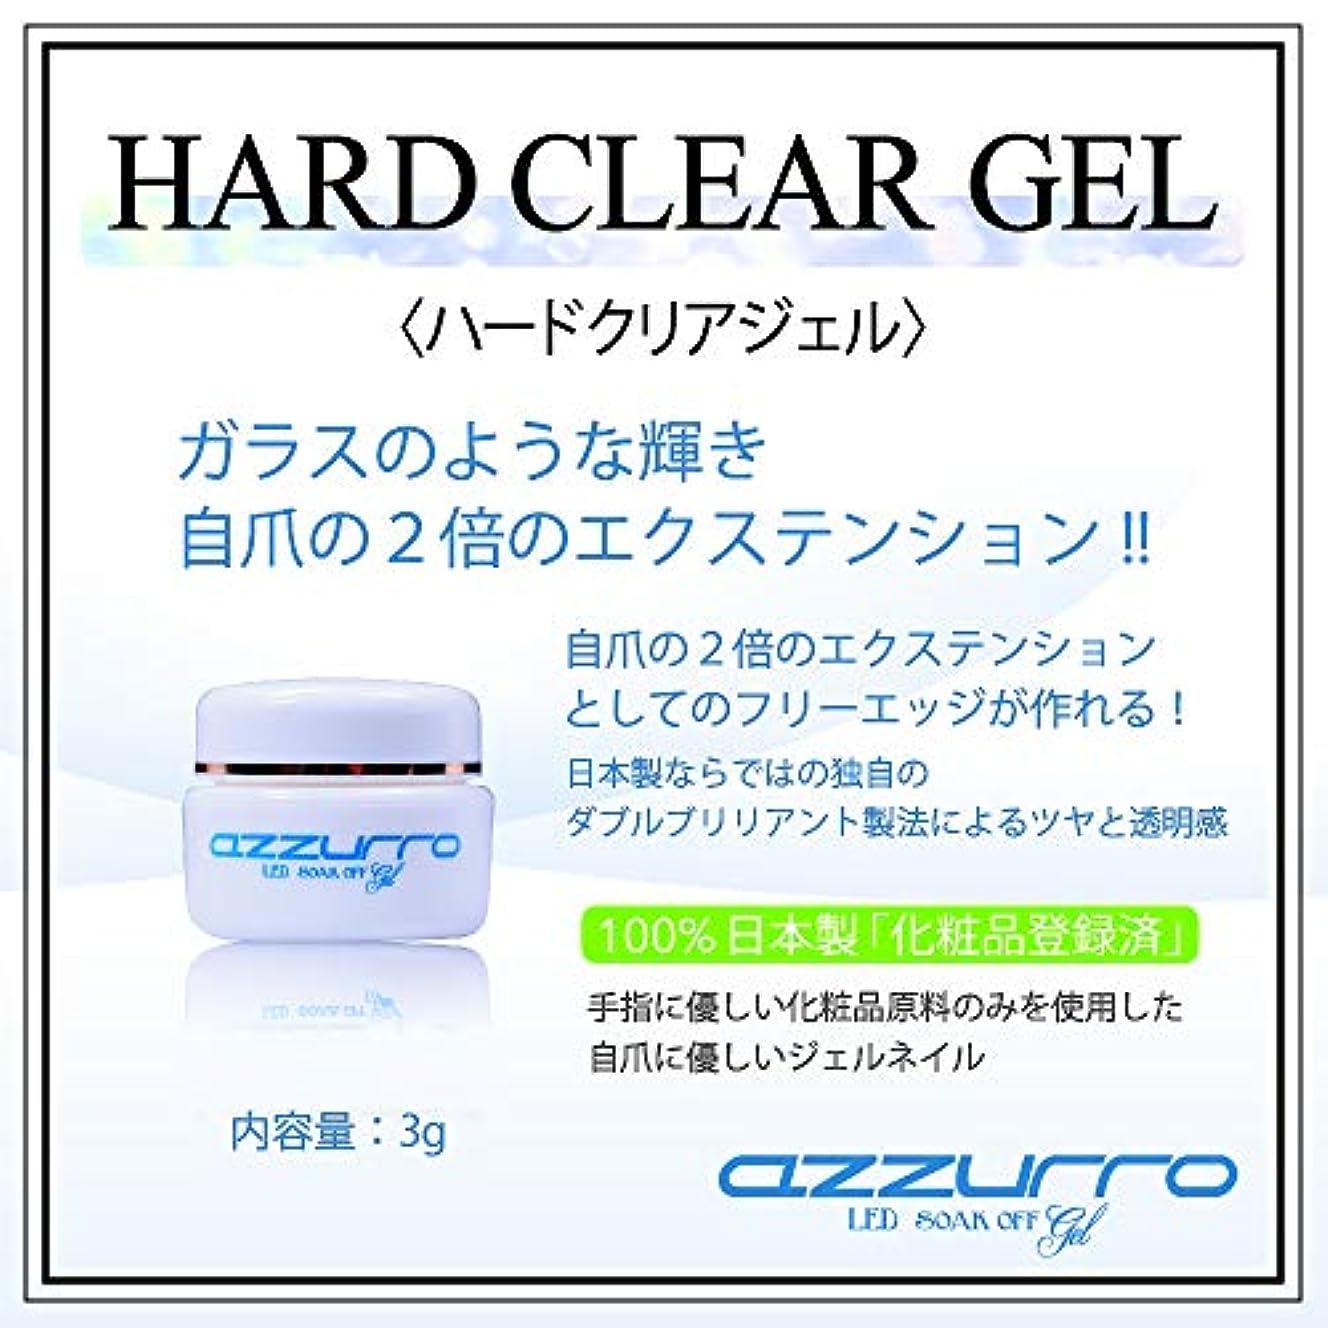 アームストロングなんとなく浴室azzurro gel アッズーロハードクリアージェル 3g ツヤツヤ キラキラ感持続 抜群のツヤ